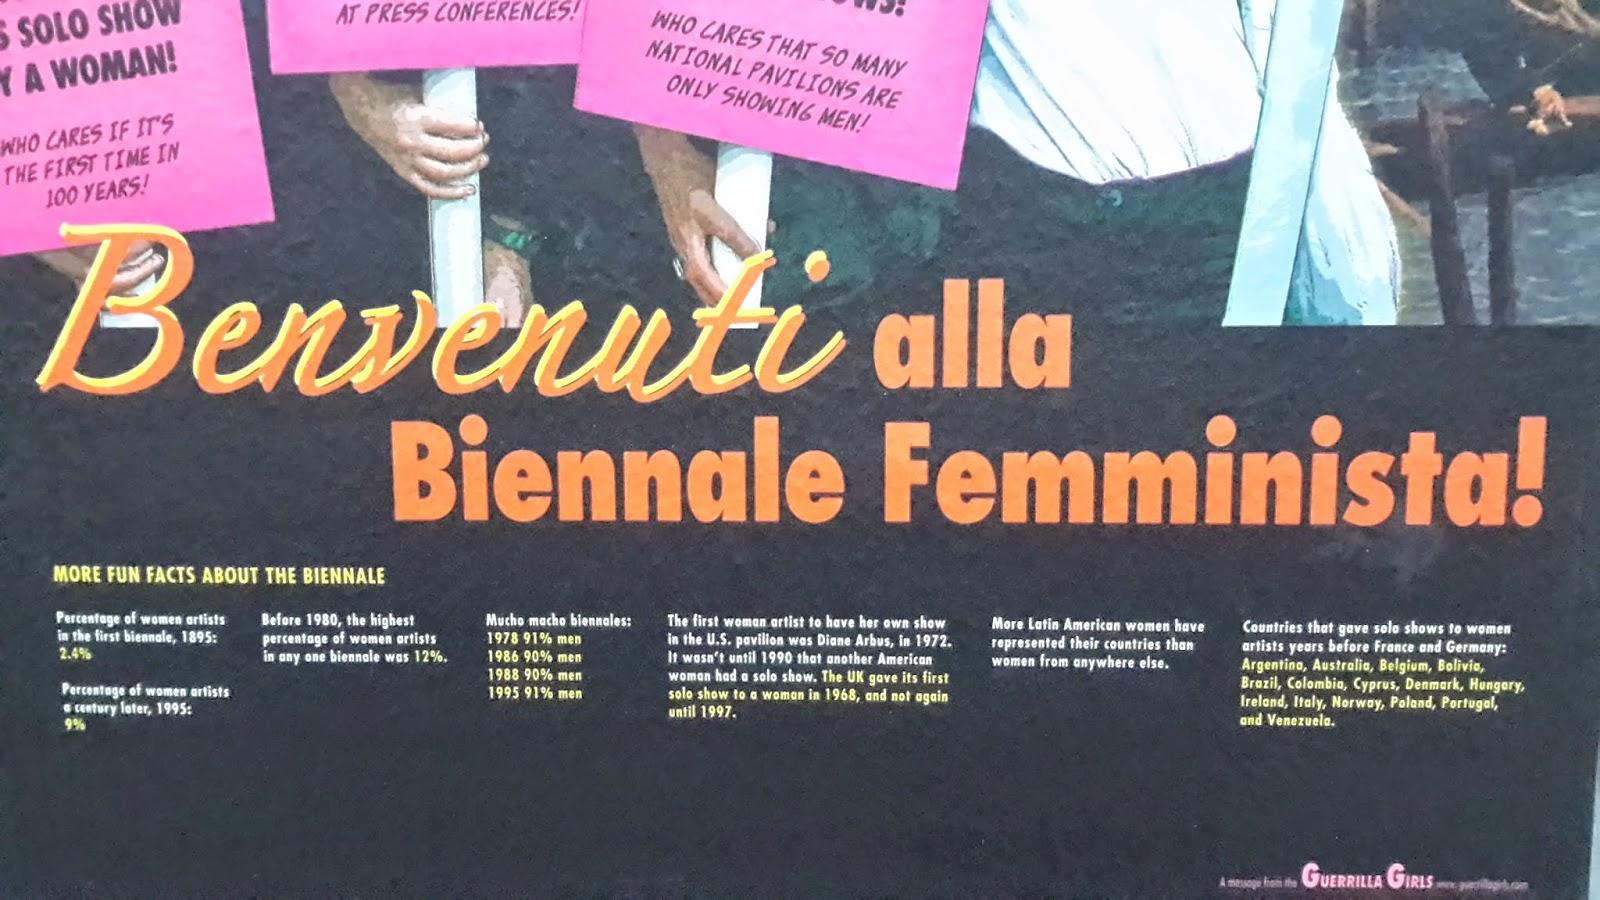 Guerrilla Girls, El Matadero, Exposiciones, temporales, Madrid, Feminismo, Performance, Arte contemporáneo, Grupo feminista, Coleccionistas, Mujeres, Artistas, Xabier Arakistain, Mujeres en las artes visuales,